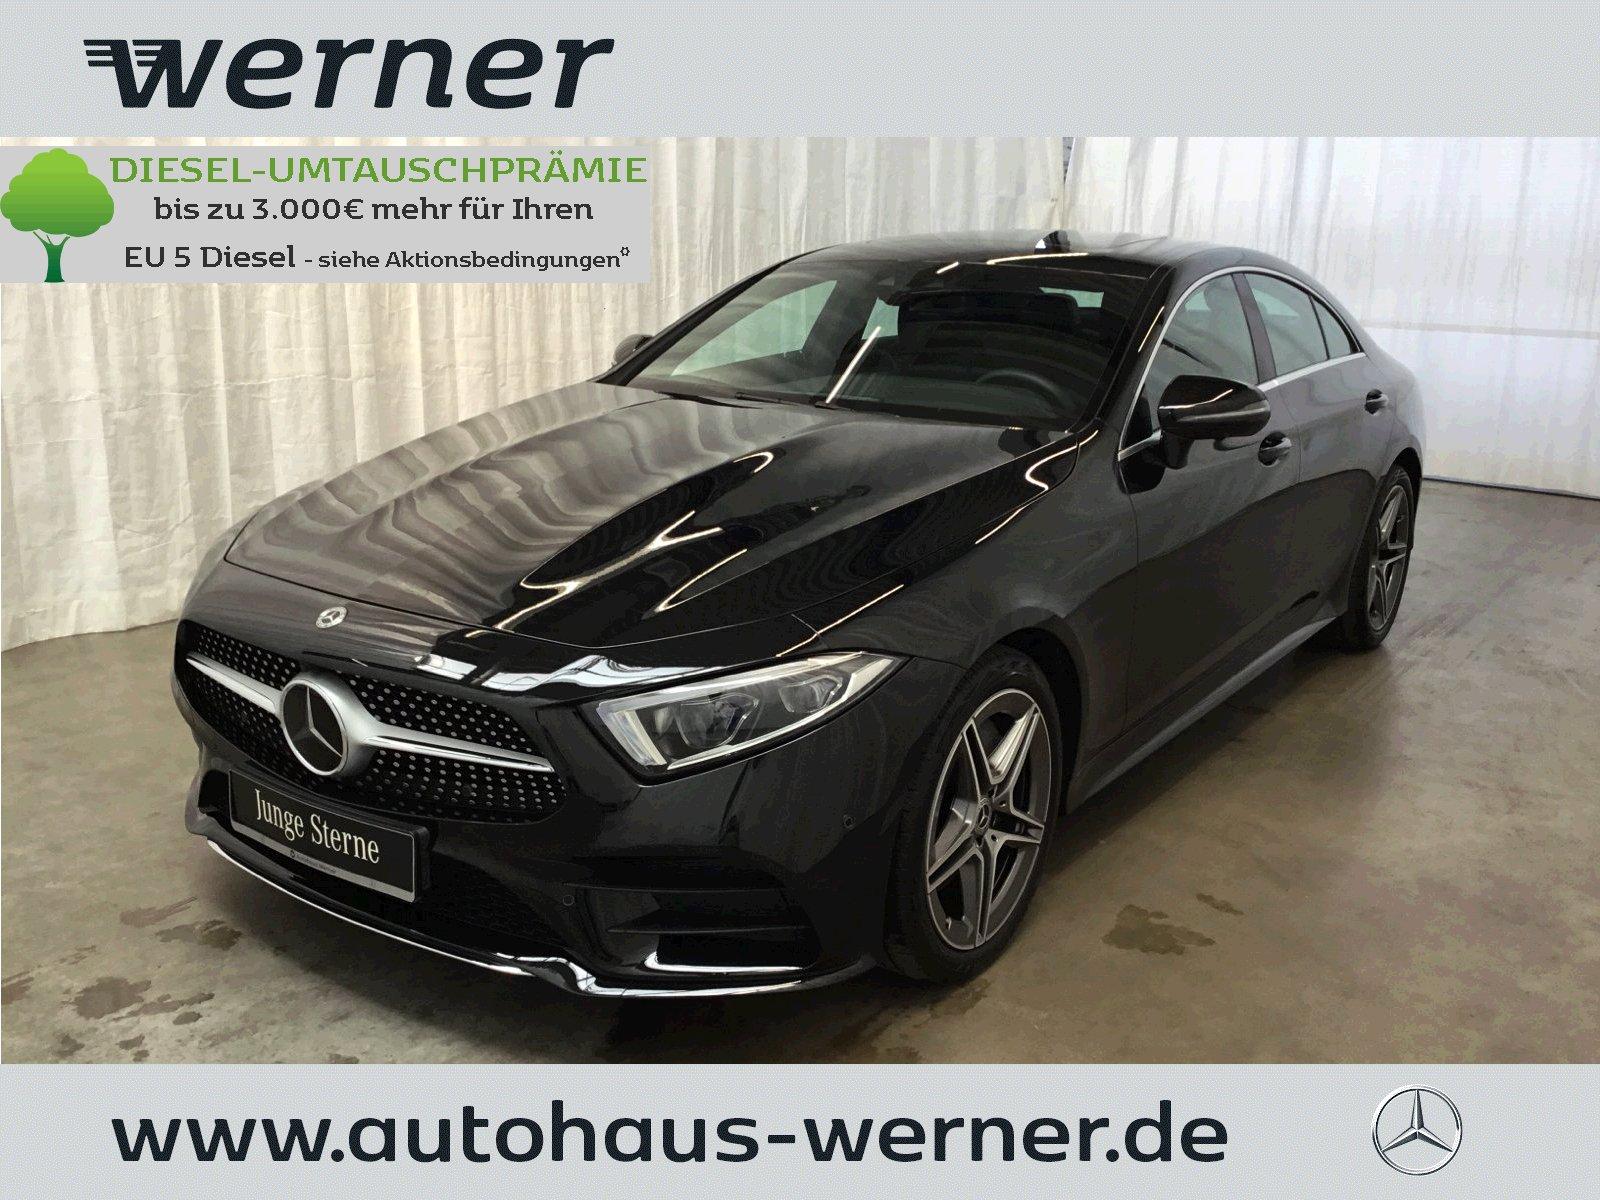 Mercedes-Benz CLS 450 4M AMG MBUX+EnergizePlus+Massage+360°+, Jahr 2020, Benzin